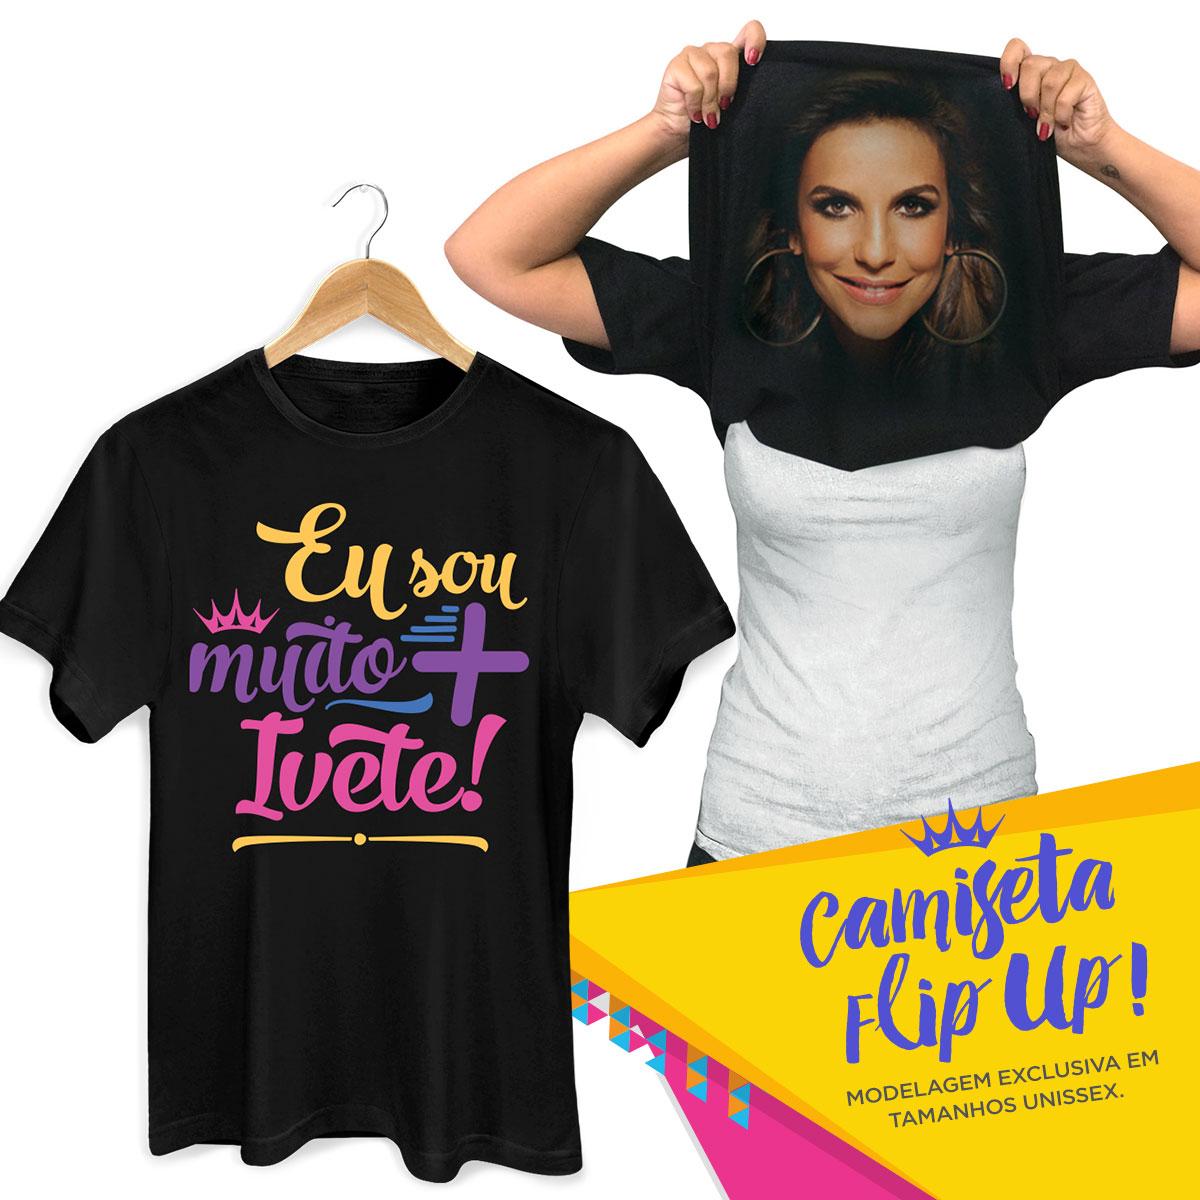 Camiseta Flip Up Eu Sou Muito + Ivete